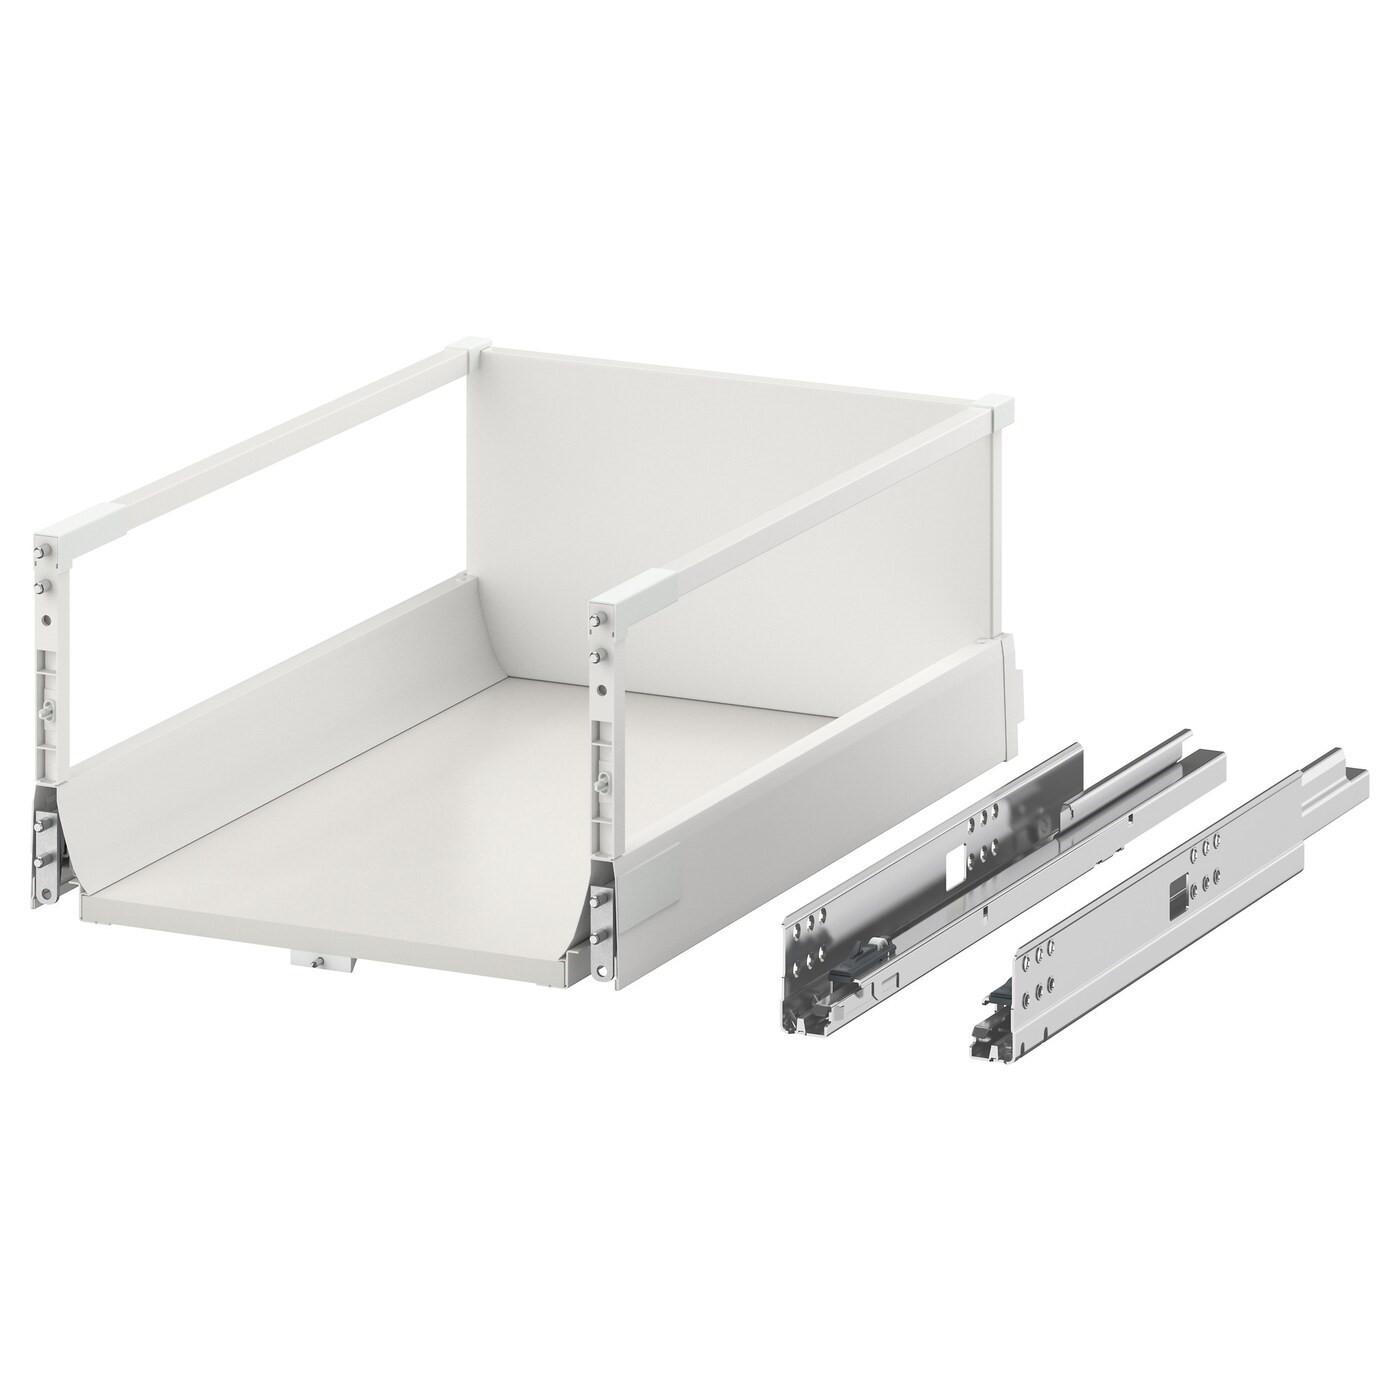 IKEA МАКСИМЕРА Выдвижной ящик, высокий, белый, 40x60 см 002.046.34